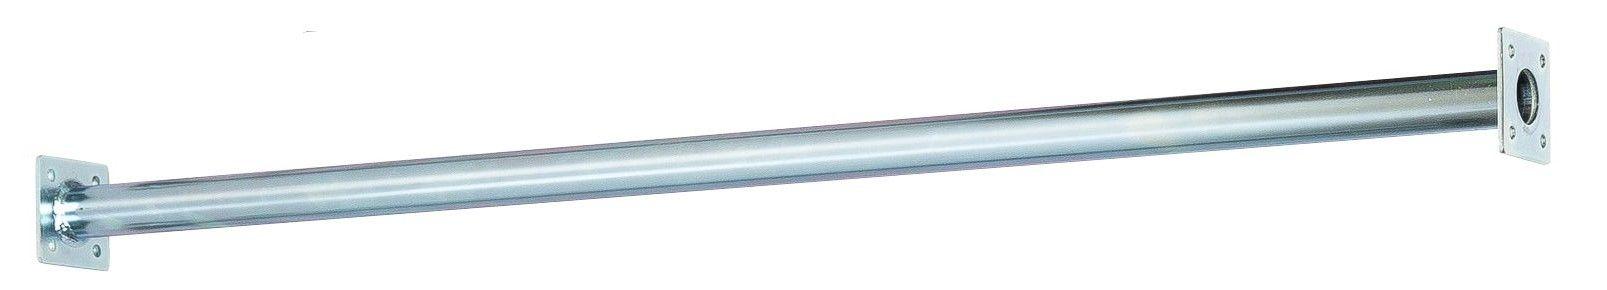 FlexTube™ 910 mm